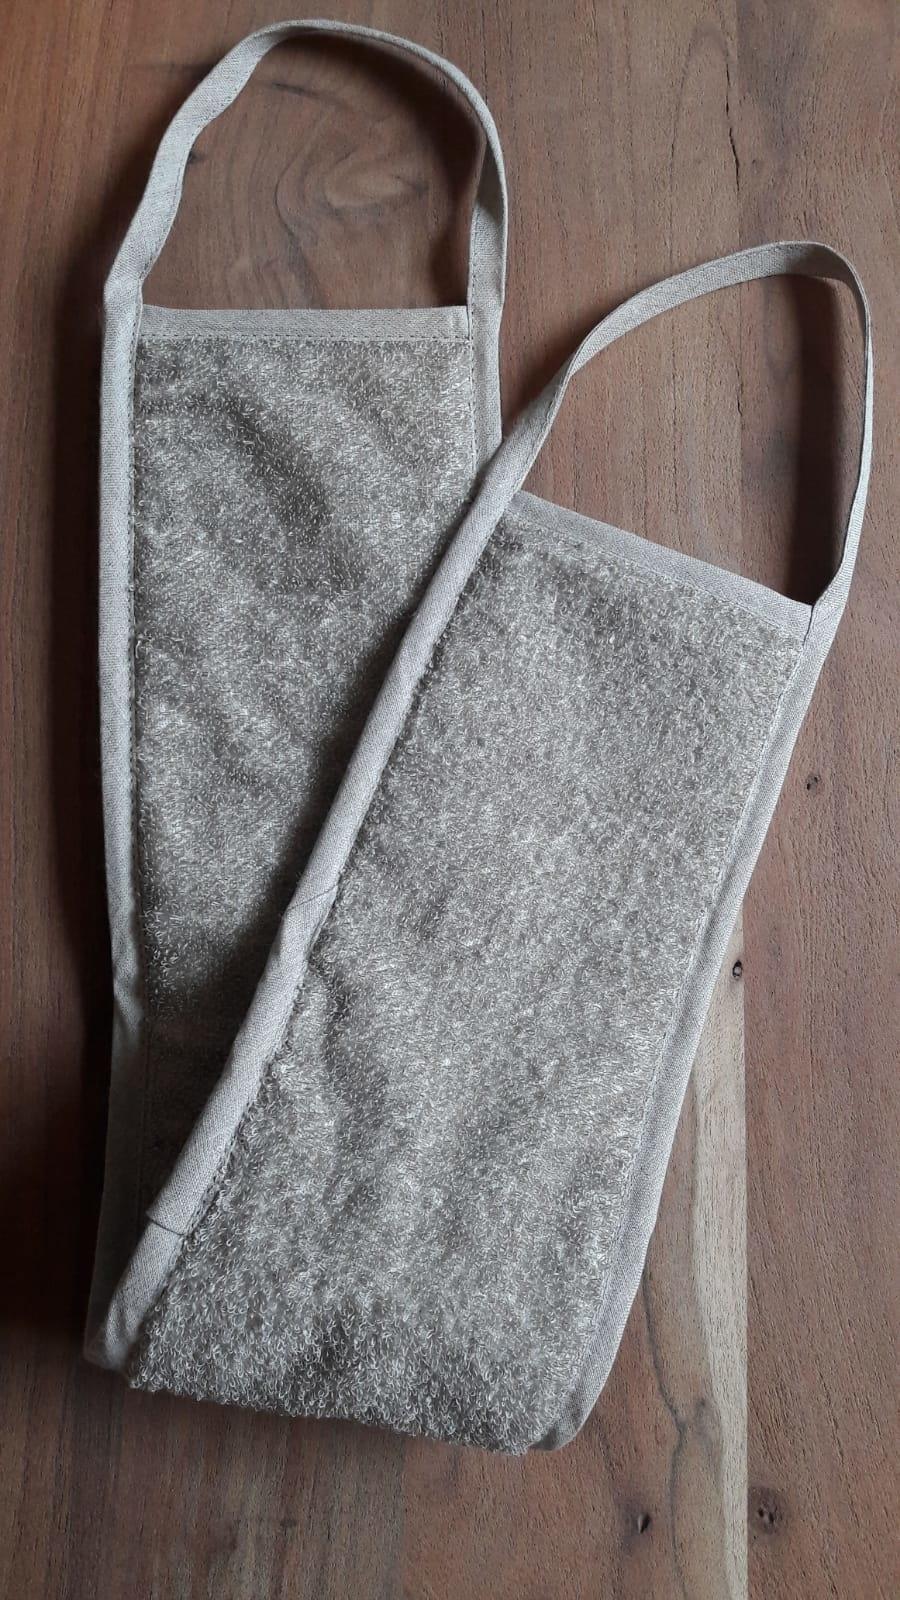 Le grenier du lin rug washand